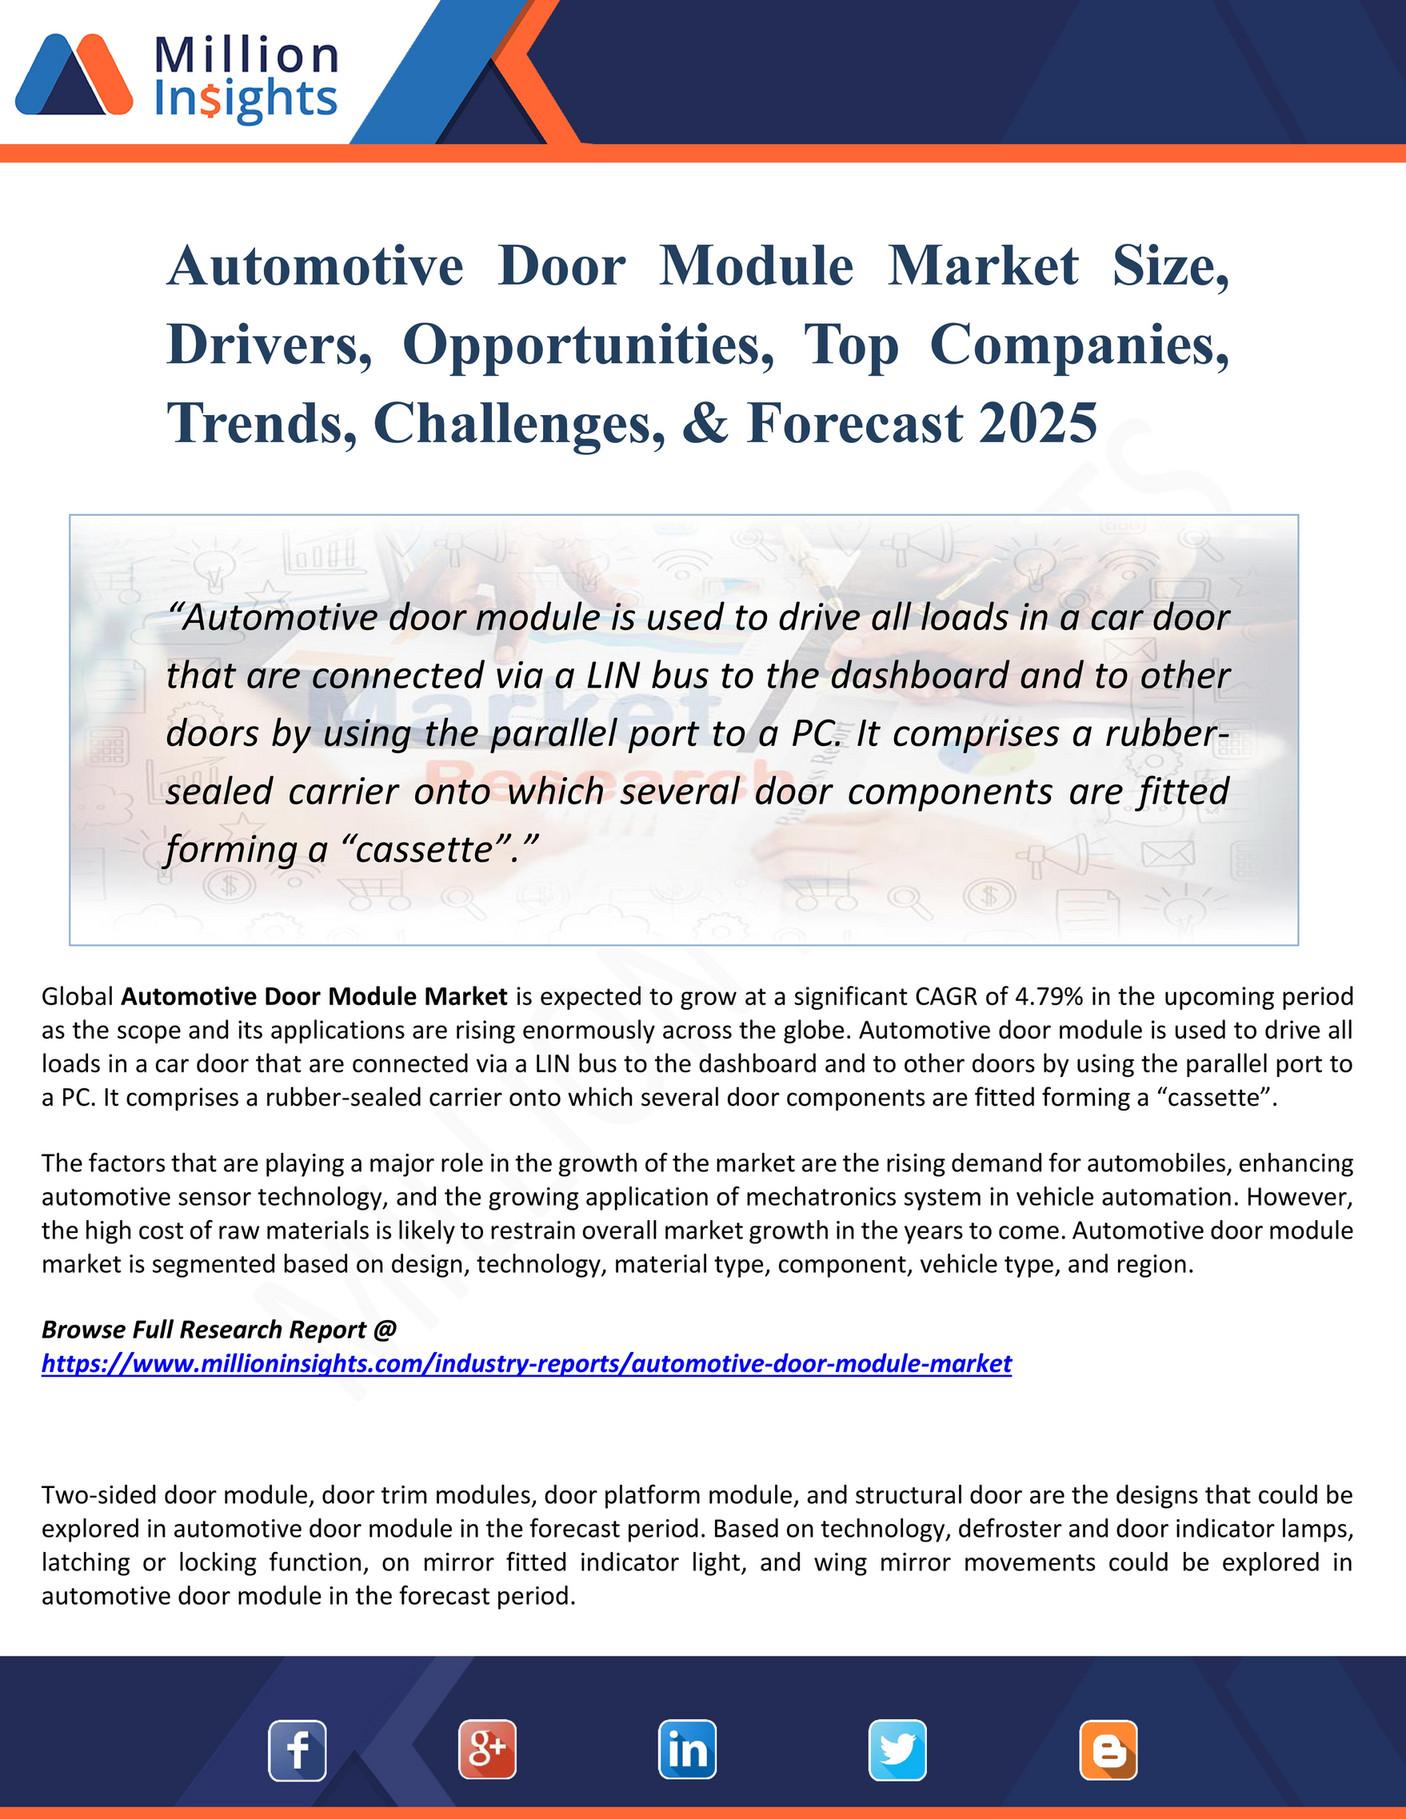 My publications - Automotive Door Module Market Size